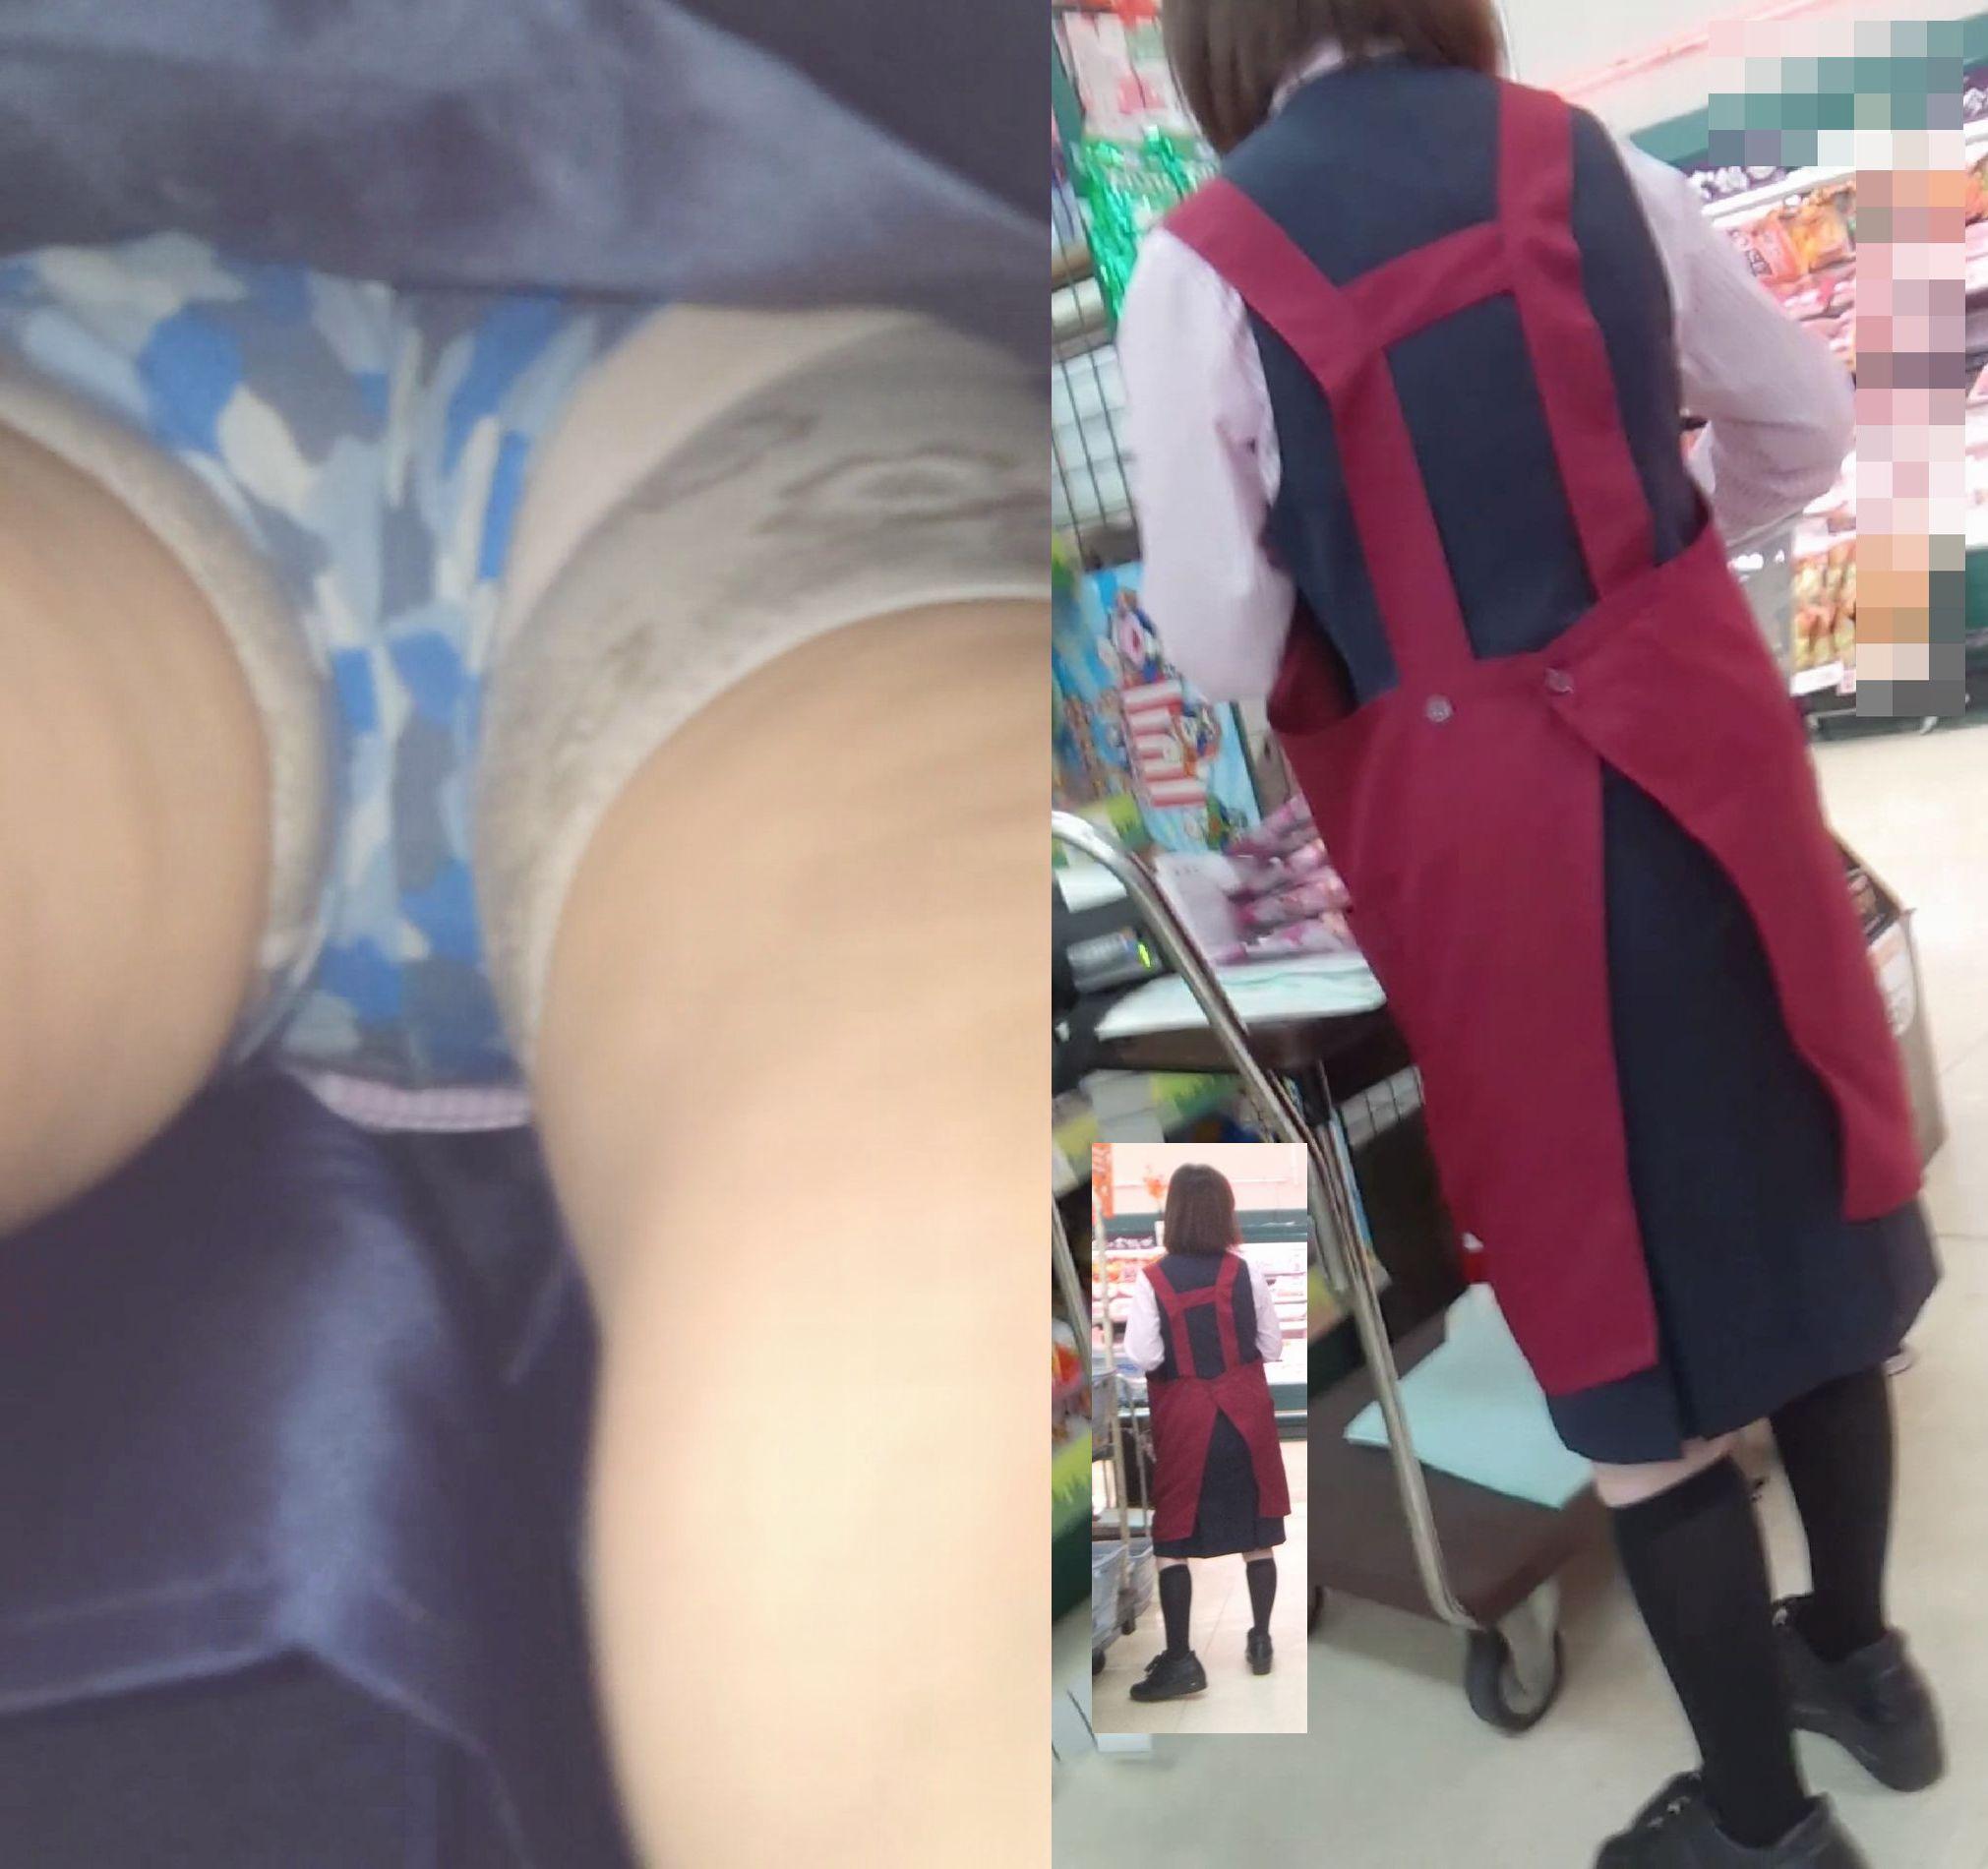 OLのタイトスカート逆さパンティ買い物中盗撮画像15枚目